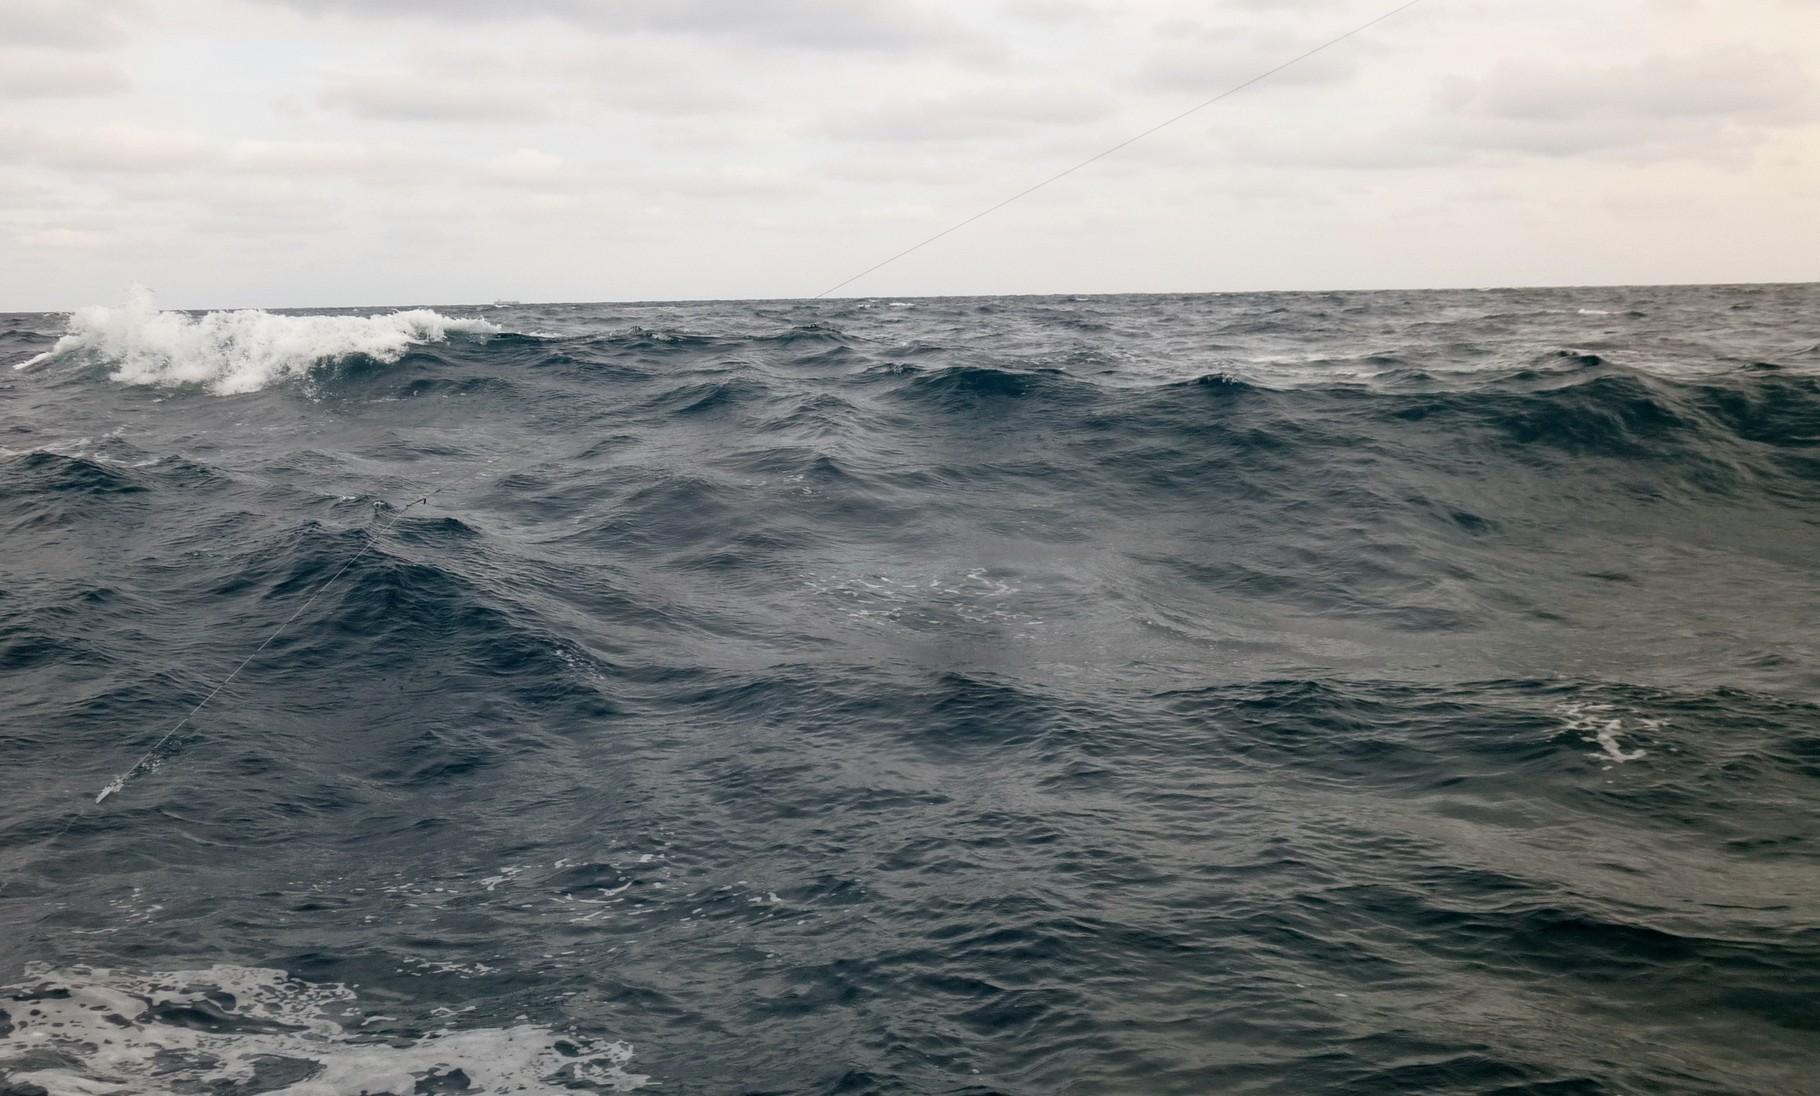 12月14日潮が変わって波が高く早めに帰港へ